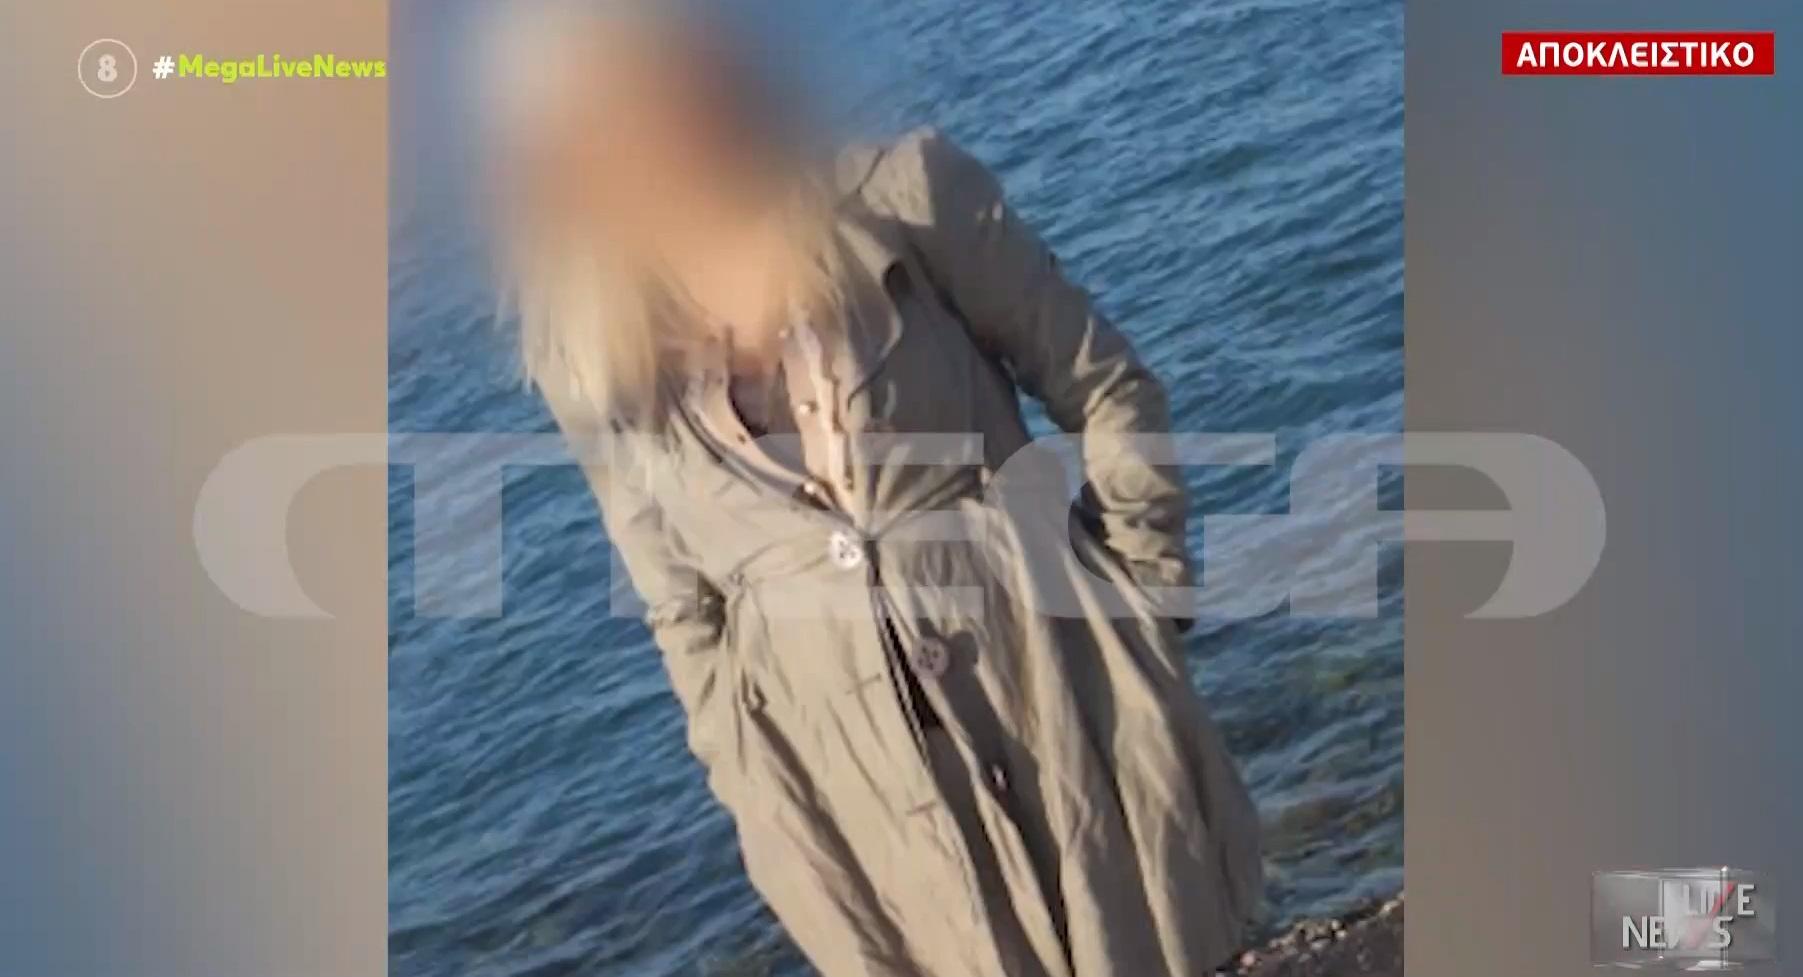 «Δεν γνώριζε τη ζημιά που θα μπορούσε να προκαλέσει, έχει μετανιώσει» – Τι λέει συγγενής της 36χρονης για την επίθεση με βιτριόλι